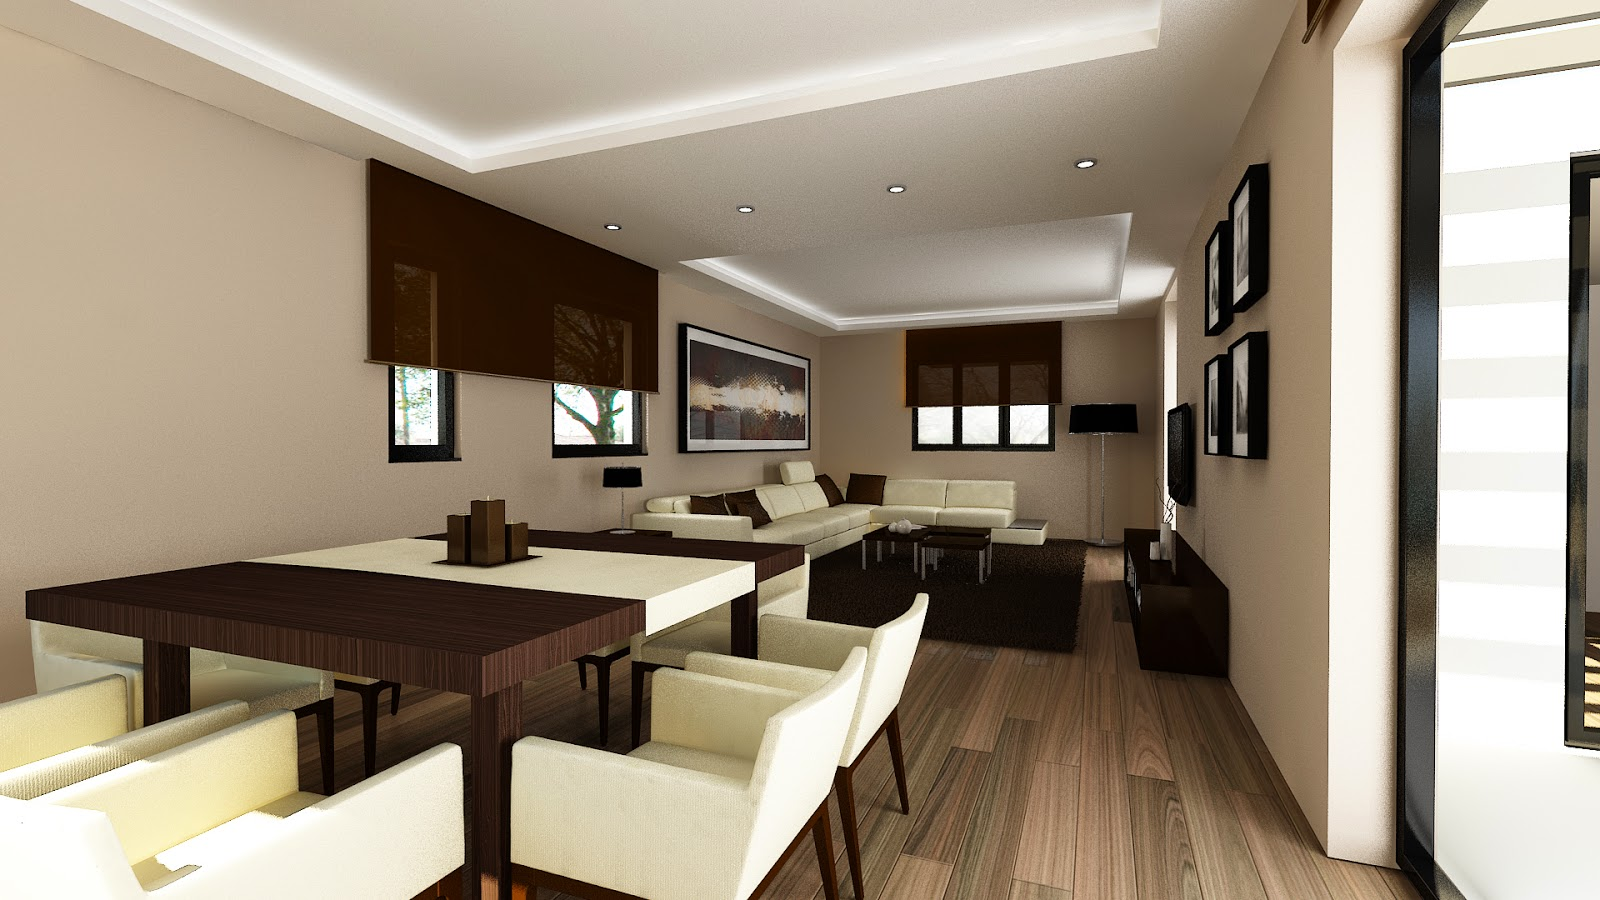 Modelo h de resan modular cuando la cocina es el centro for Cocina 6 metros cuadrados